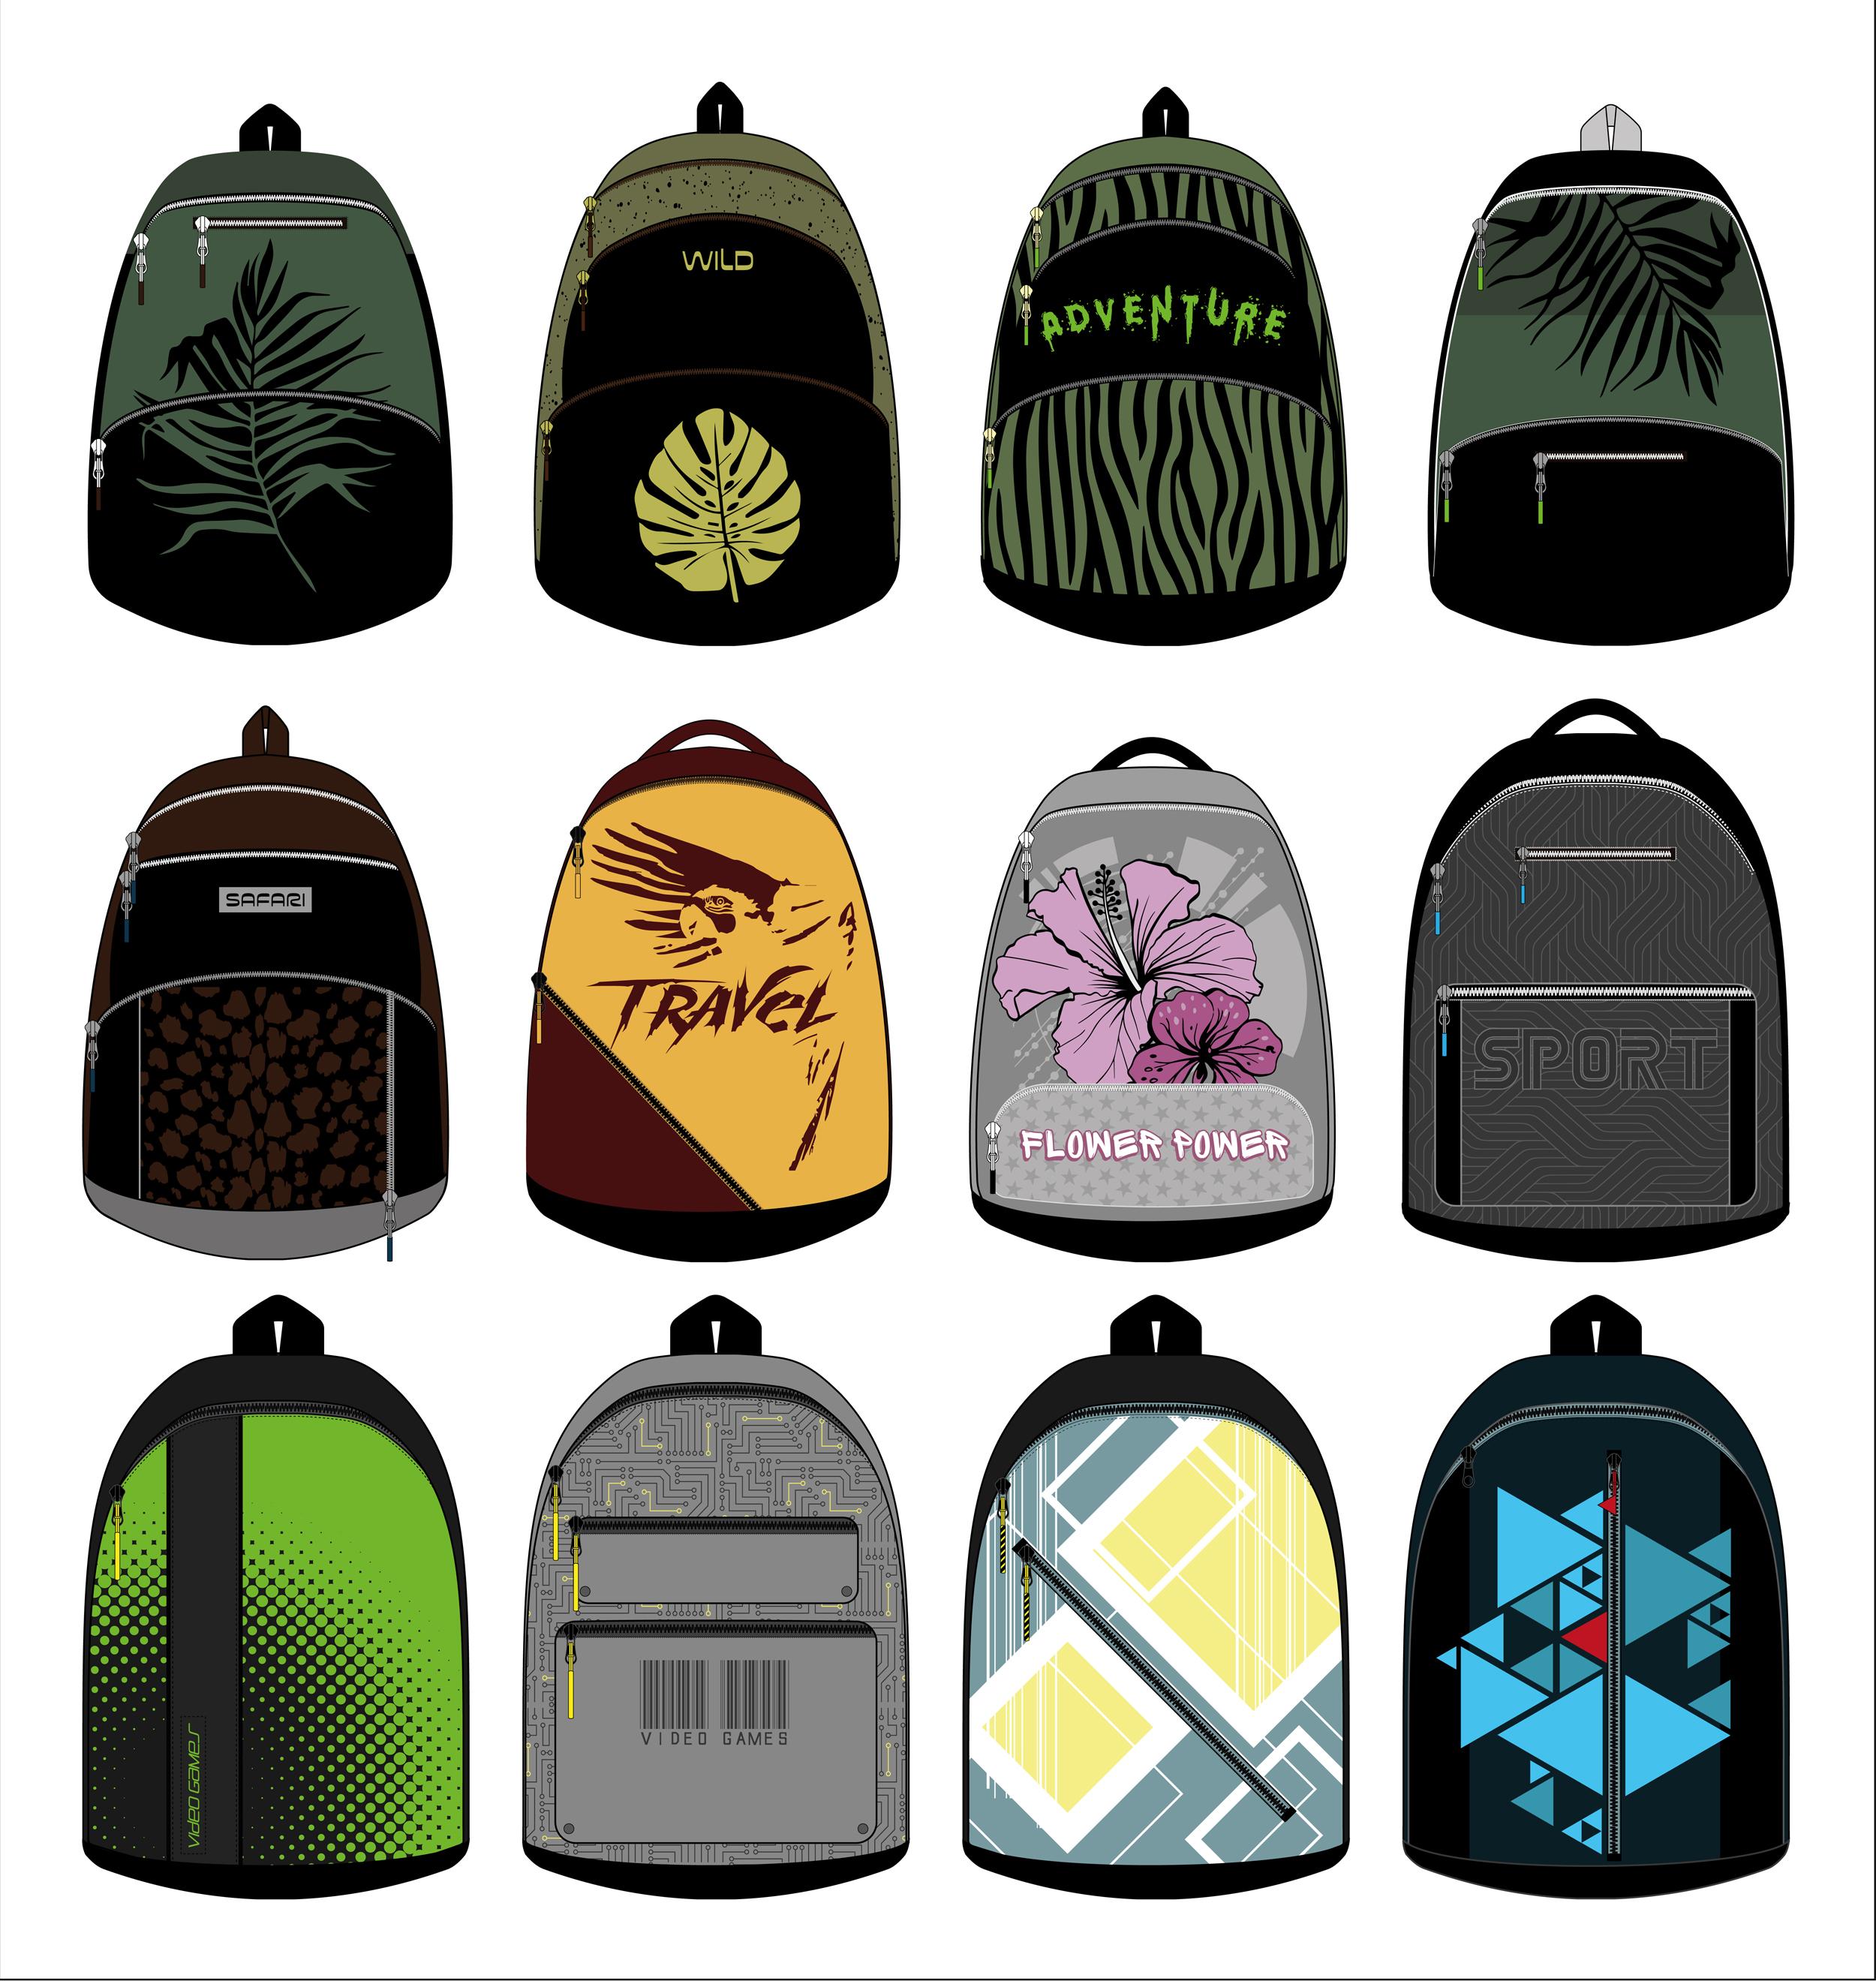 Конкурс на создание оригинального принта для рюкзаков фото f_9175f8c4056e90c4.jpg